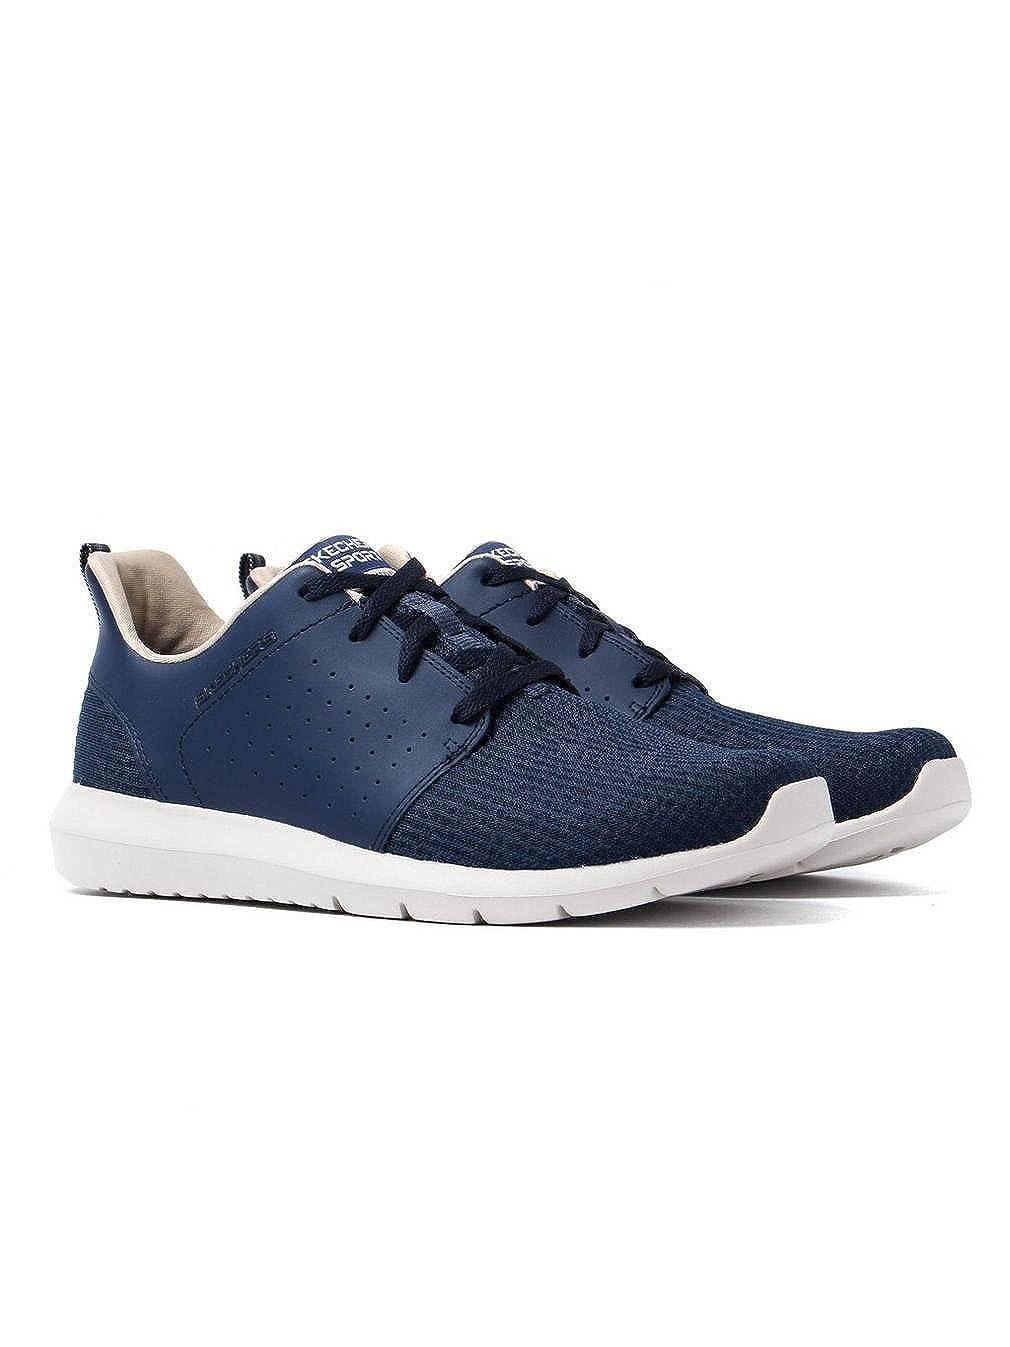 TALLA 39.5 EU. Skechers Foreflex, Zapatillas de Entrenamiento para Hombre